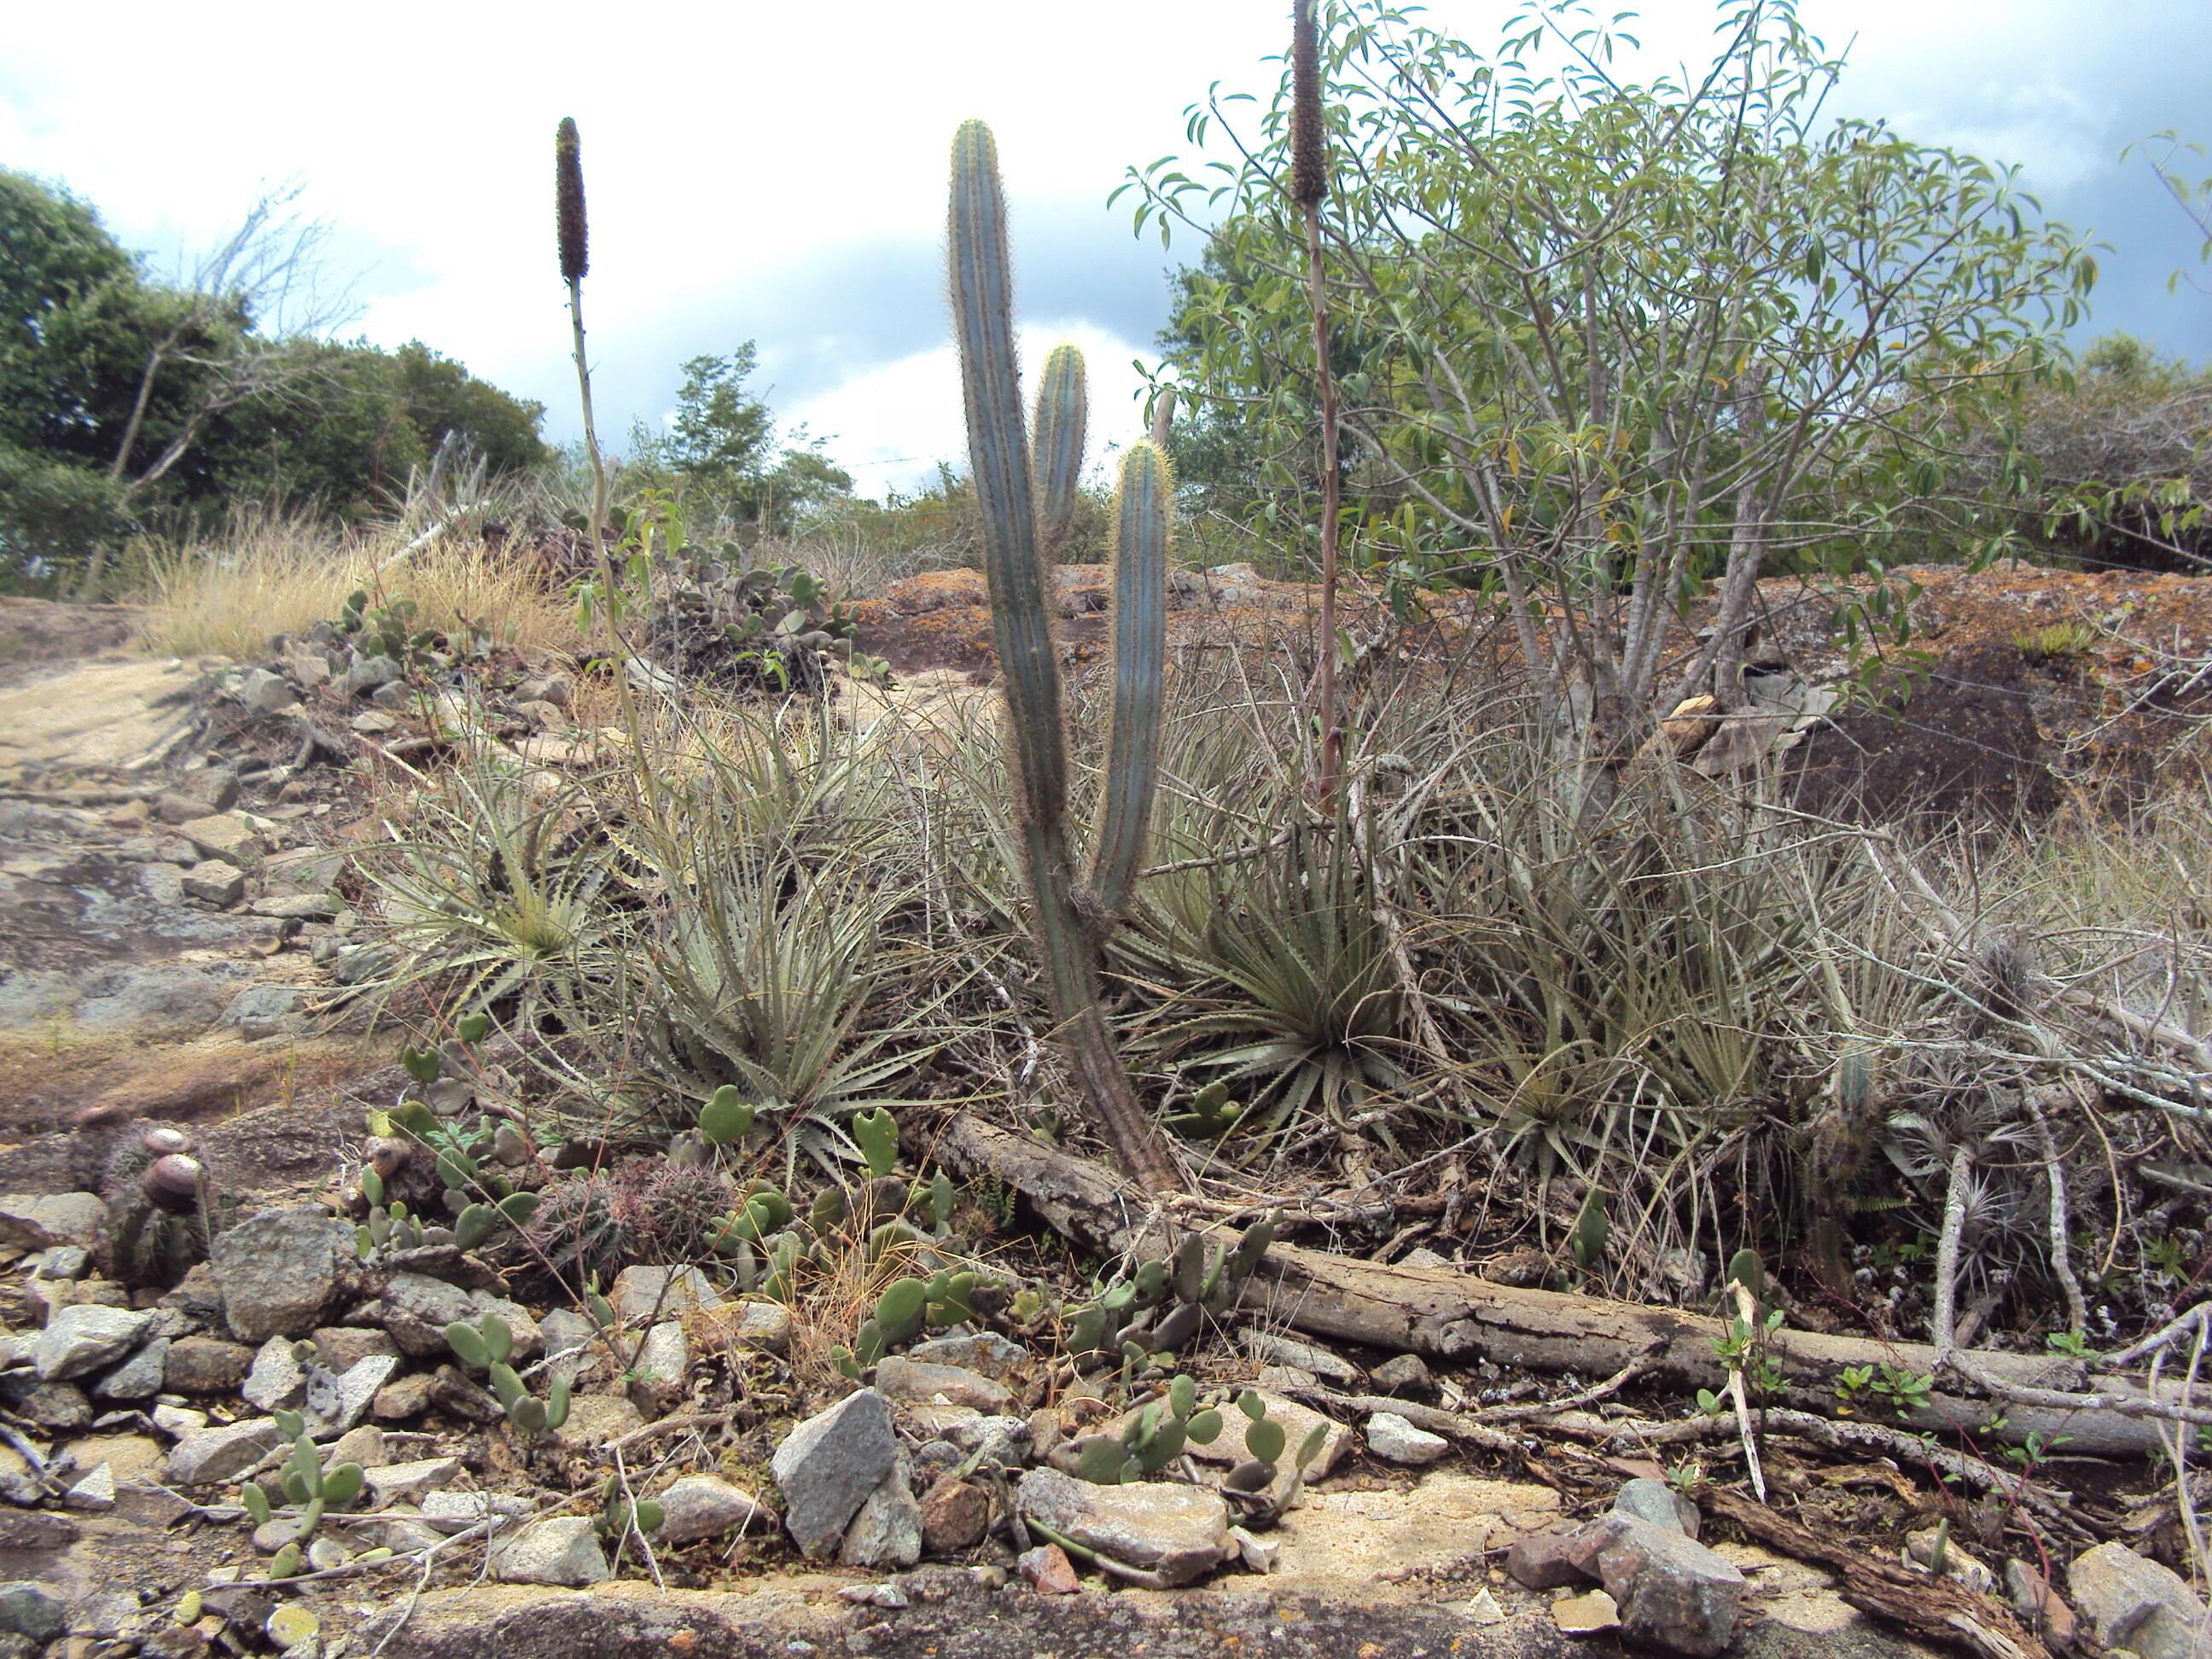 Foto de vegetação. Cactus e caroá